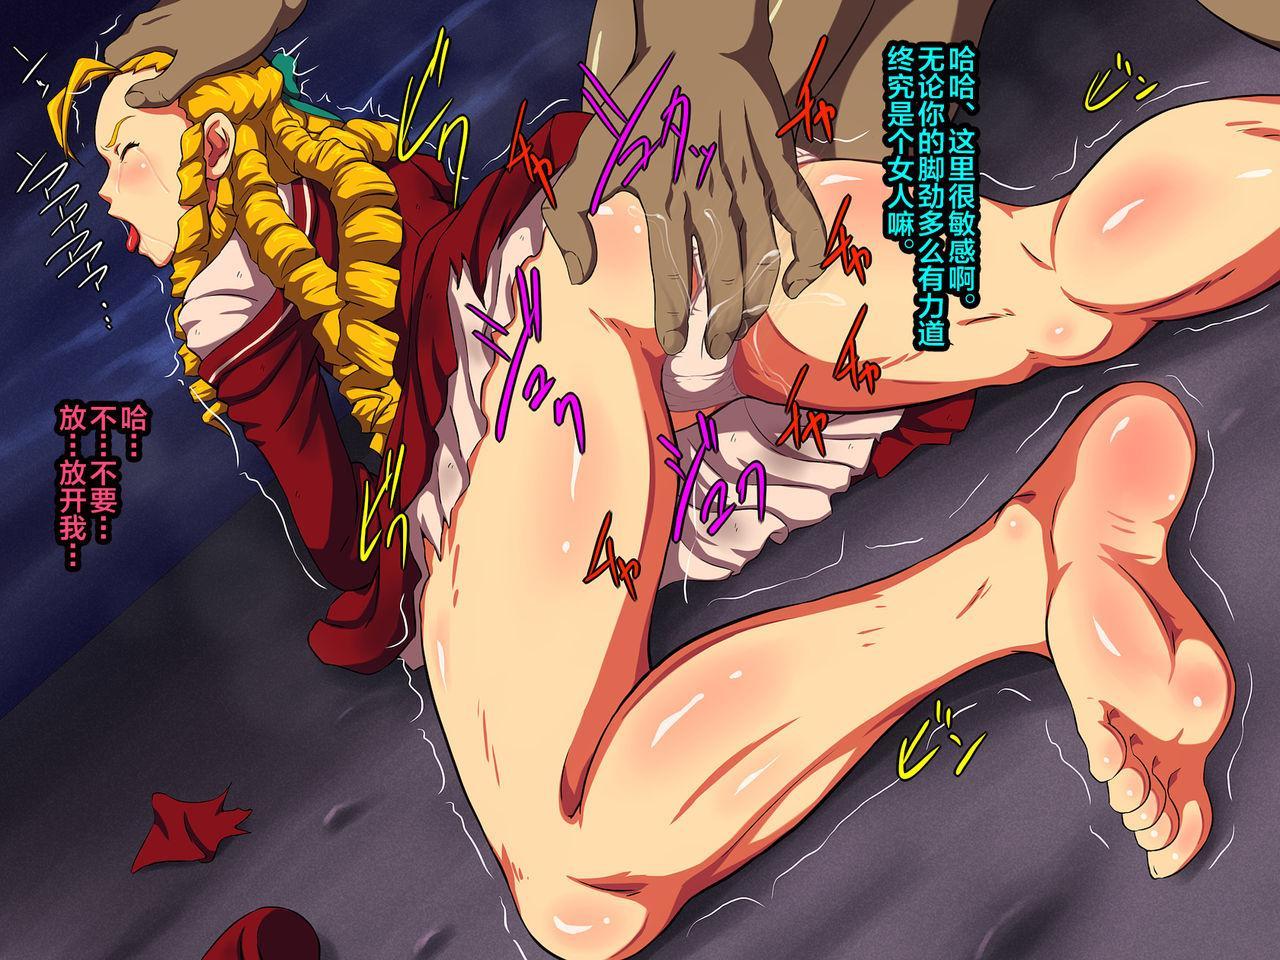 [L-u (Makura no Doushi)] Kegasareta Ojou-sama -Tights ni Shimiru Jiru- (Street Fighter) [Chinese] [新桥月白日语社] 130